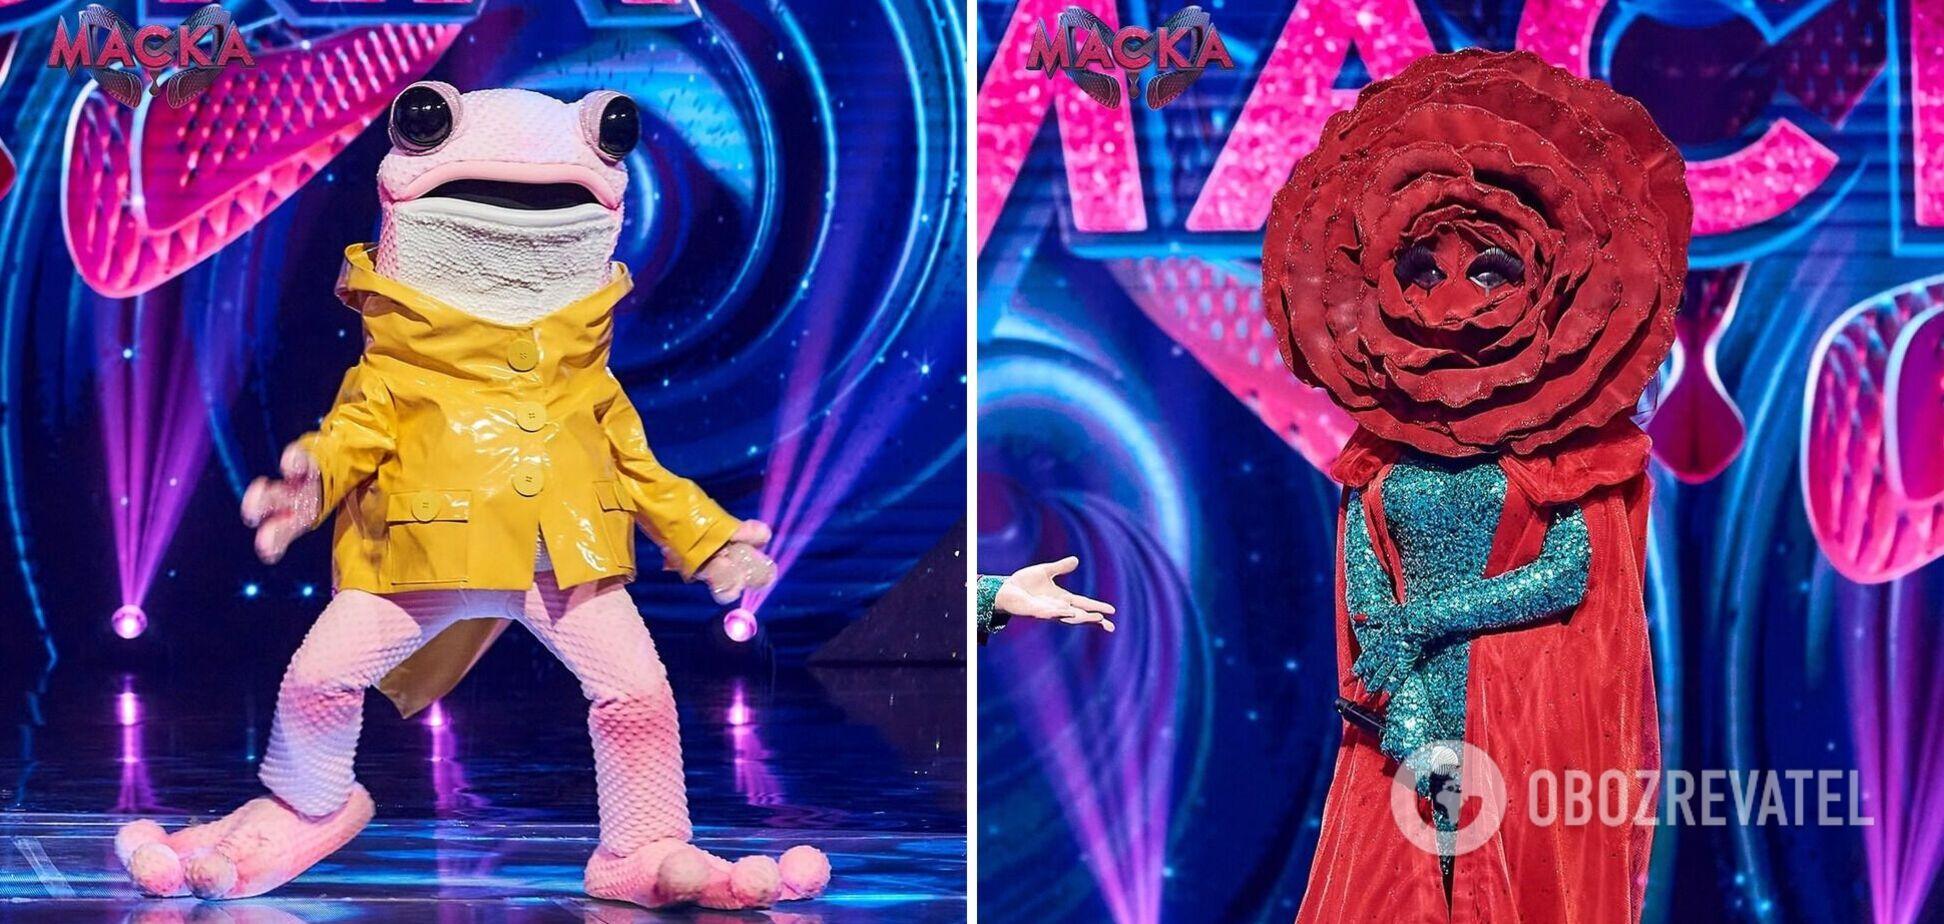 Шоу 'Маска': де дивитися сьомий випуск